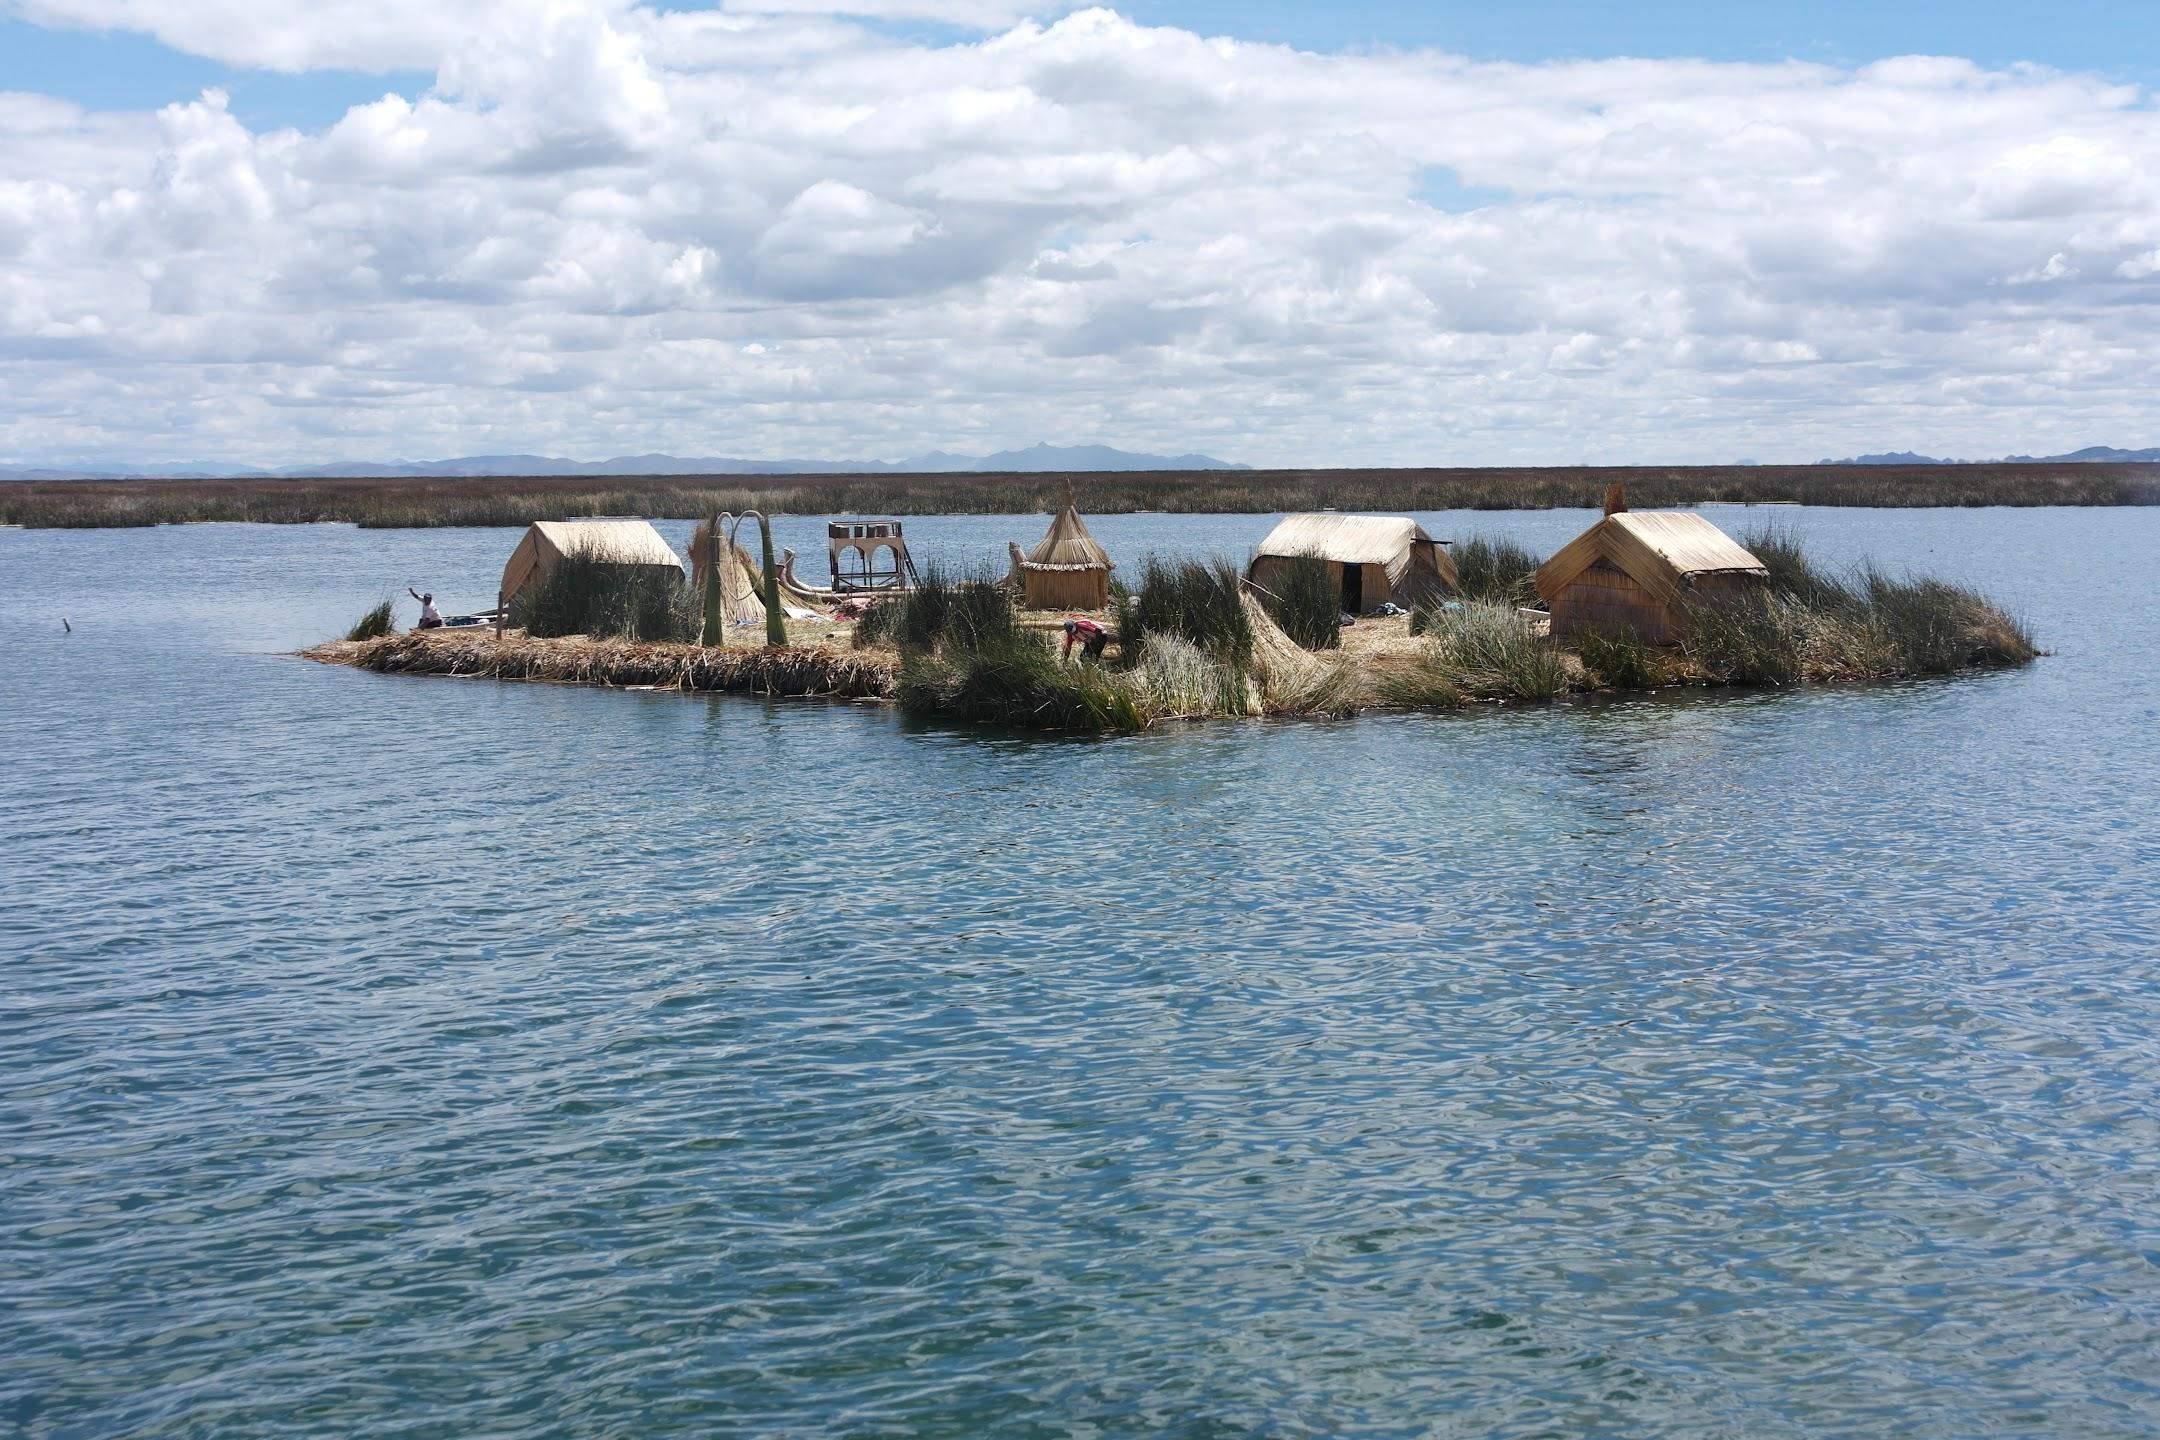 Lago Titicaca | Isla Flotante UROS, Puno, Perú